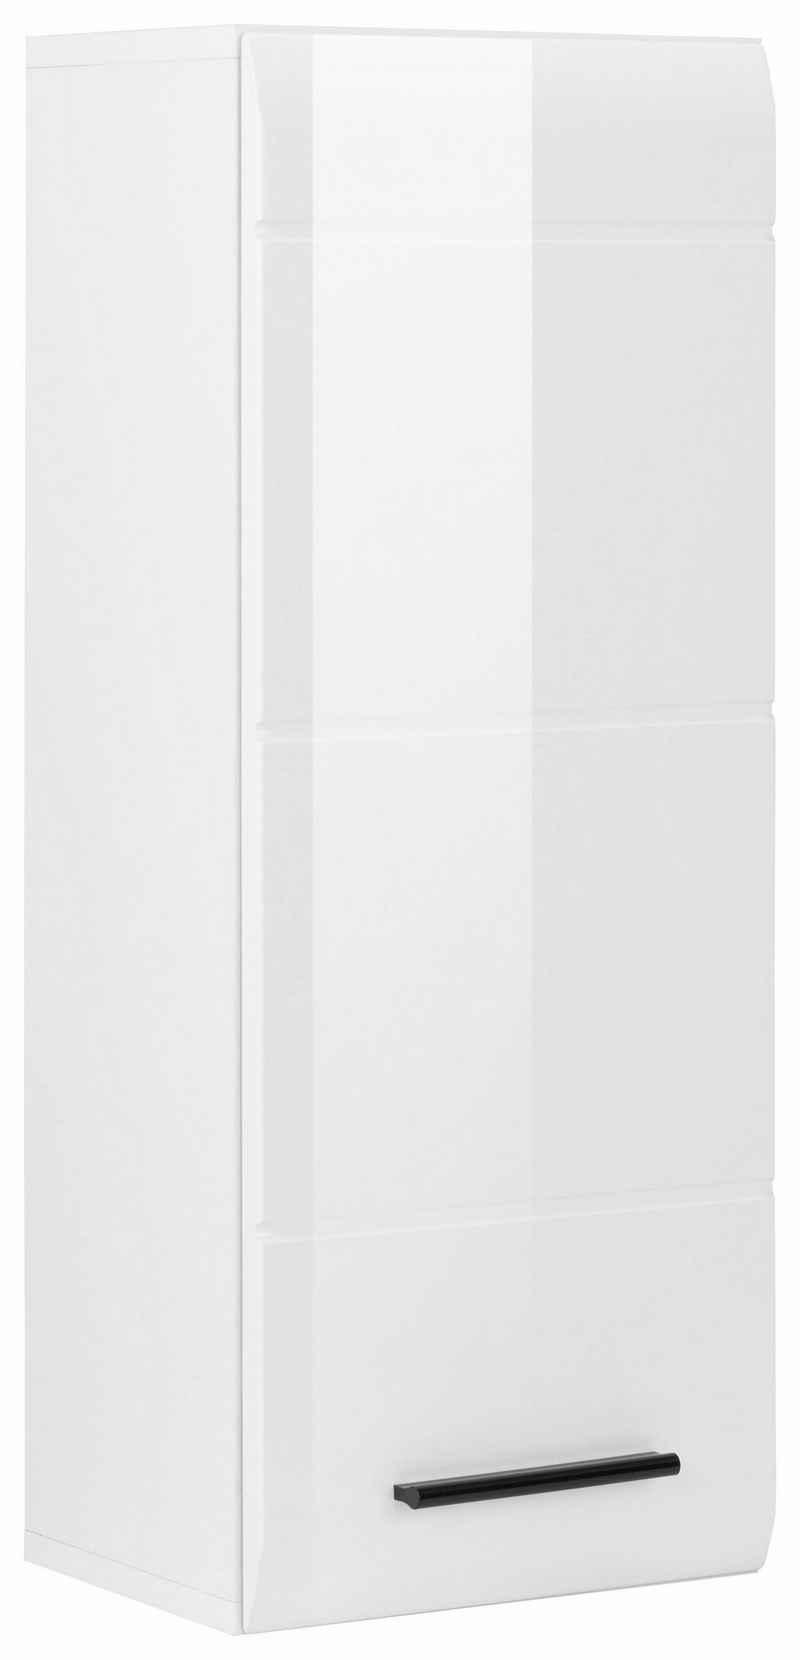 trendteam Hängeschrank »Skin« Höhe 77 cm, Badezimmerschrank mit Fronten in Hochglanz- oder Holzoptik